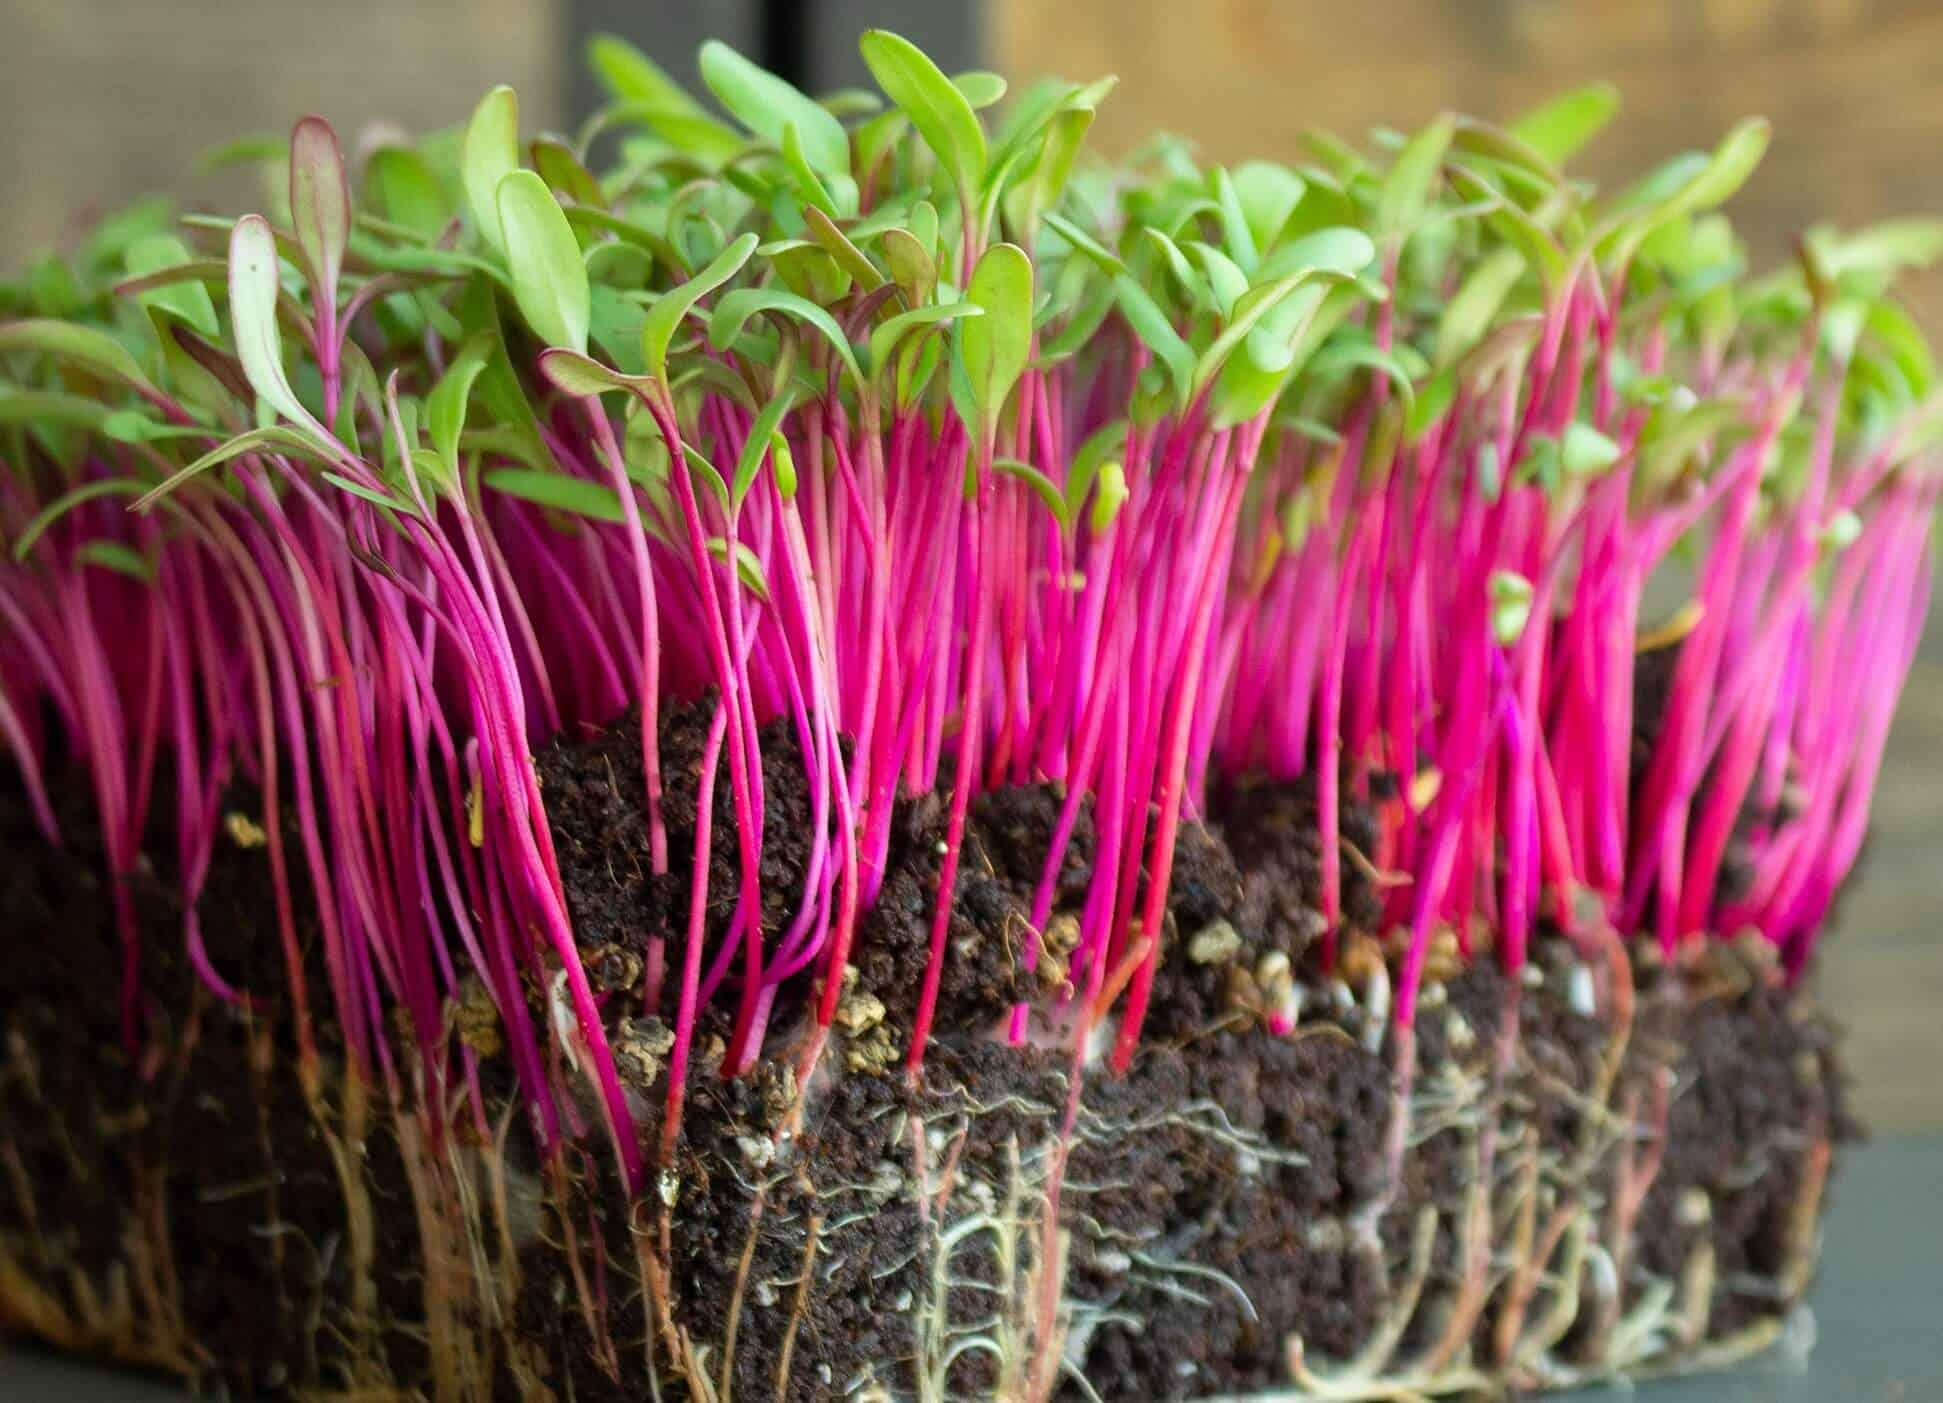 Microgreens to grow